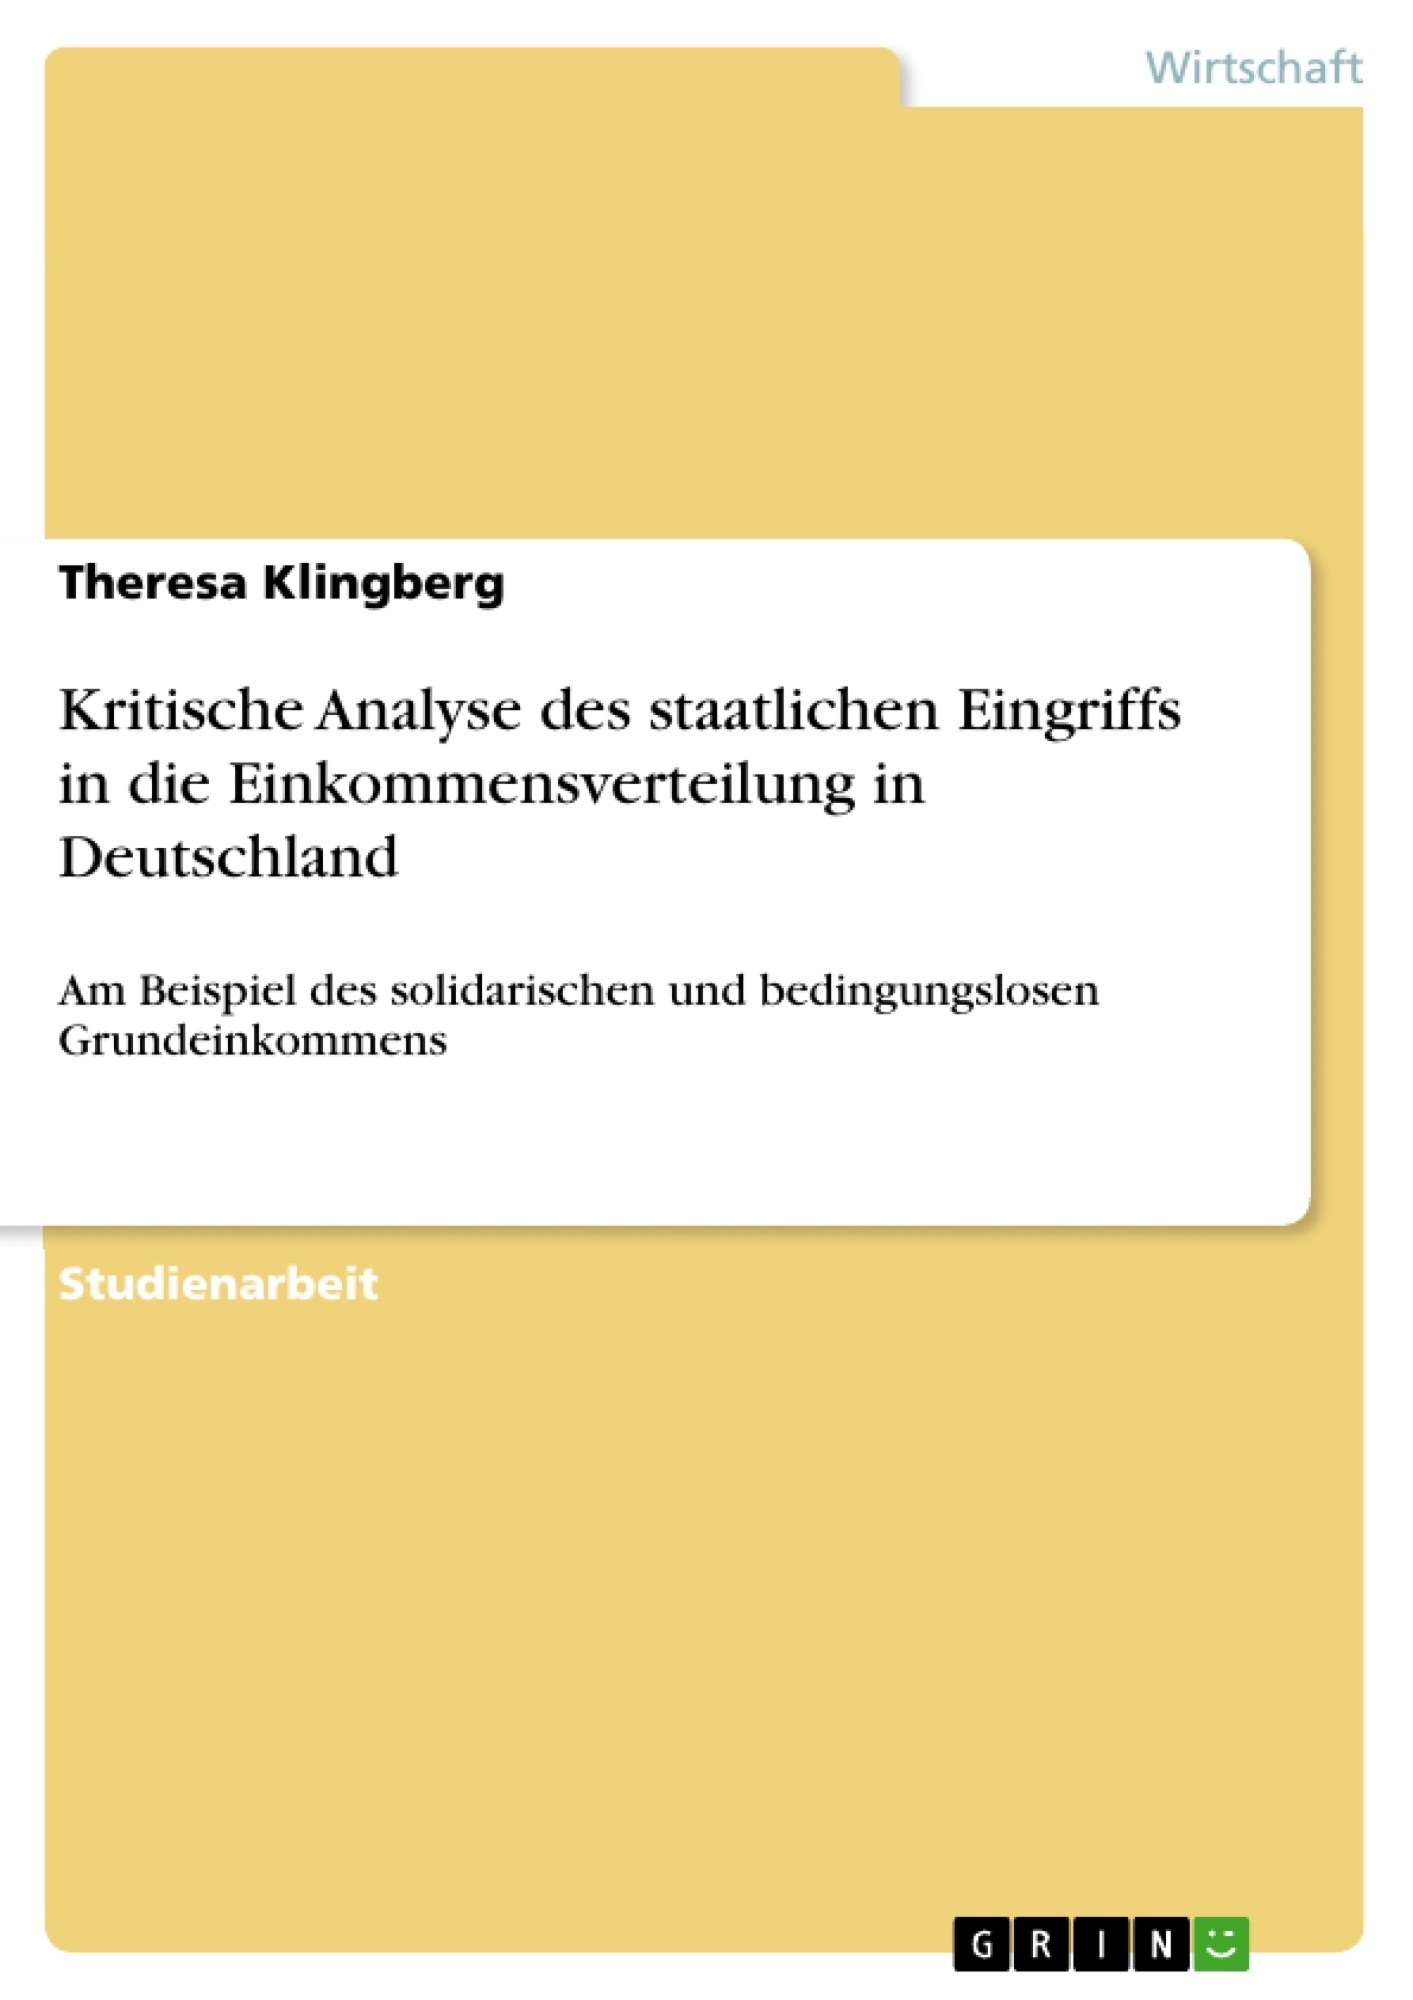 Titel: Kritische Analyse des staatlichen Eingriffs in die Einkommensverteilung in Deutschland